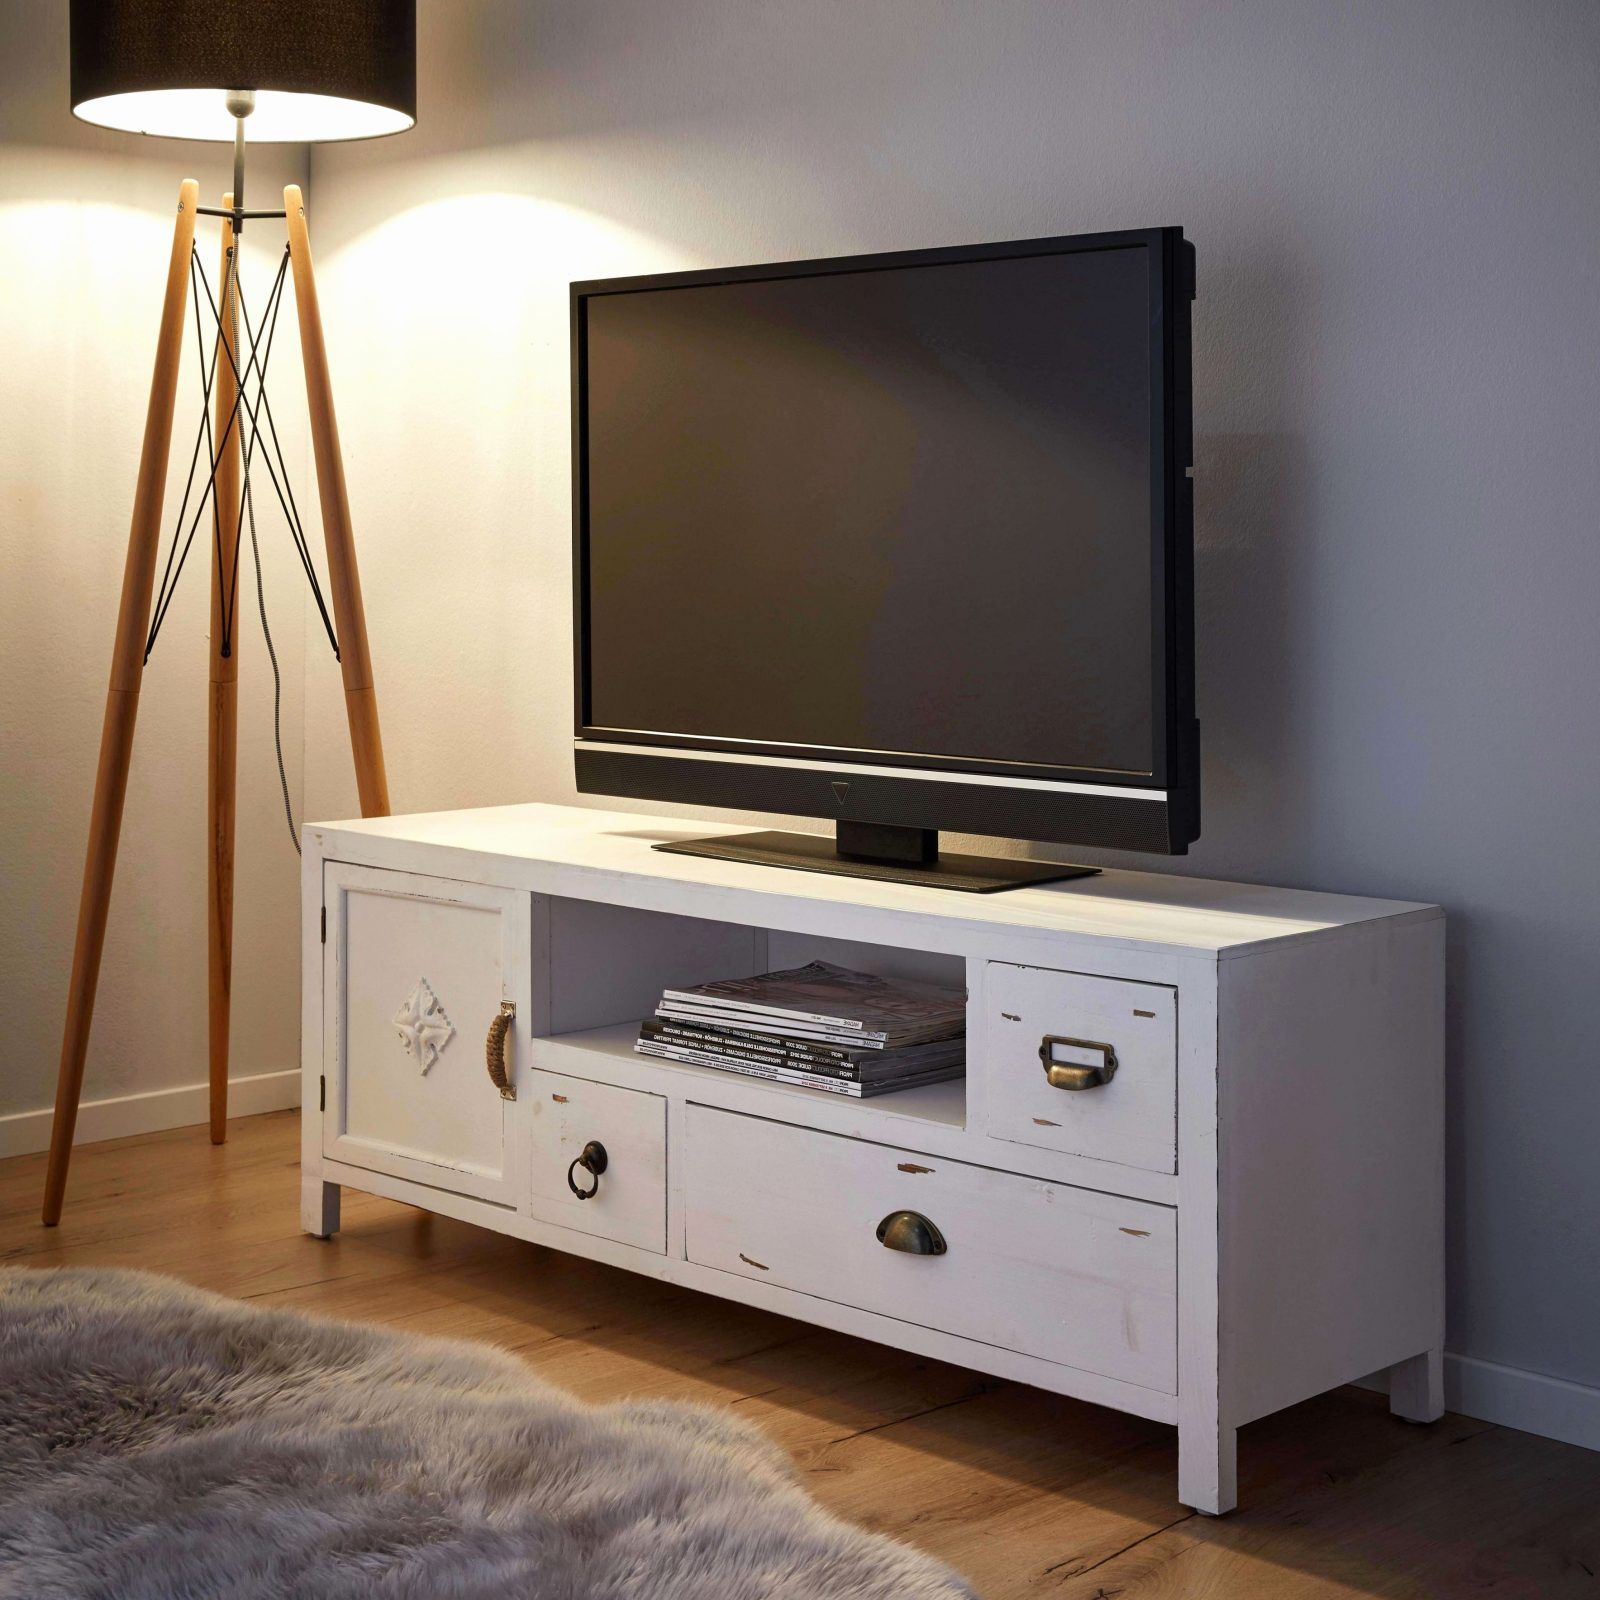 Küchenschrank Mit Schiebetüren Inspirierend Ikea Hemnes Kuche Free von Sideboard Mit Schiebetüren Ikea Photo